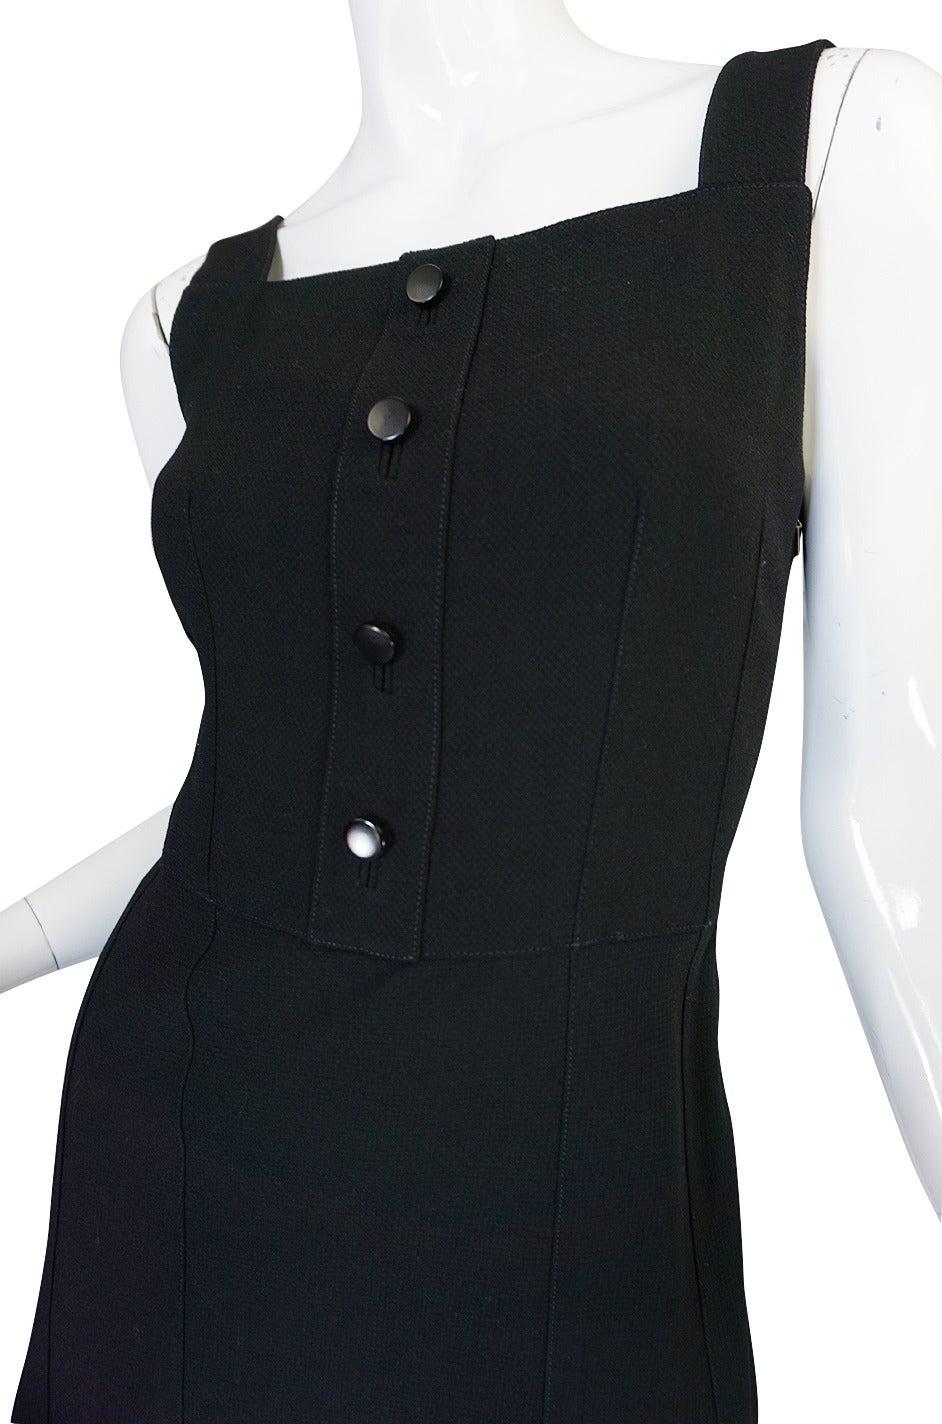 1960s Courreges HyperBole Twirling Skirt Sleeveless Dress For Sale 2